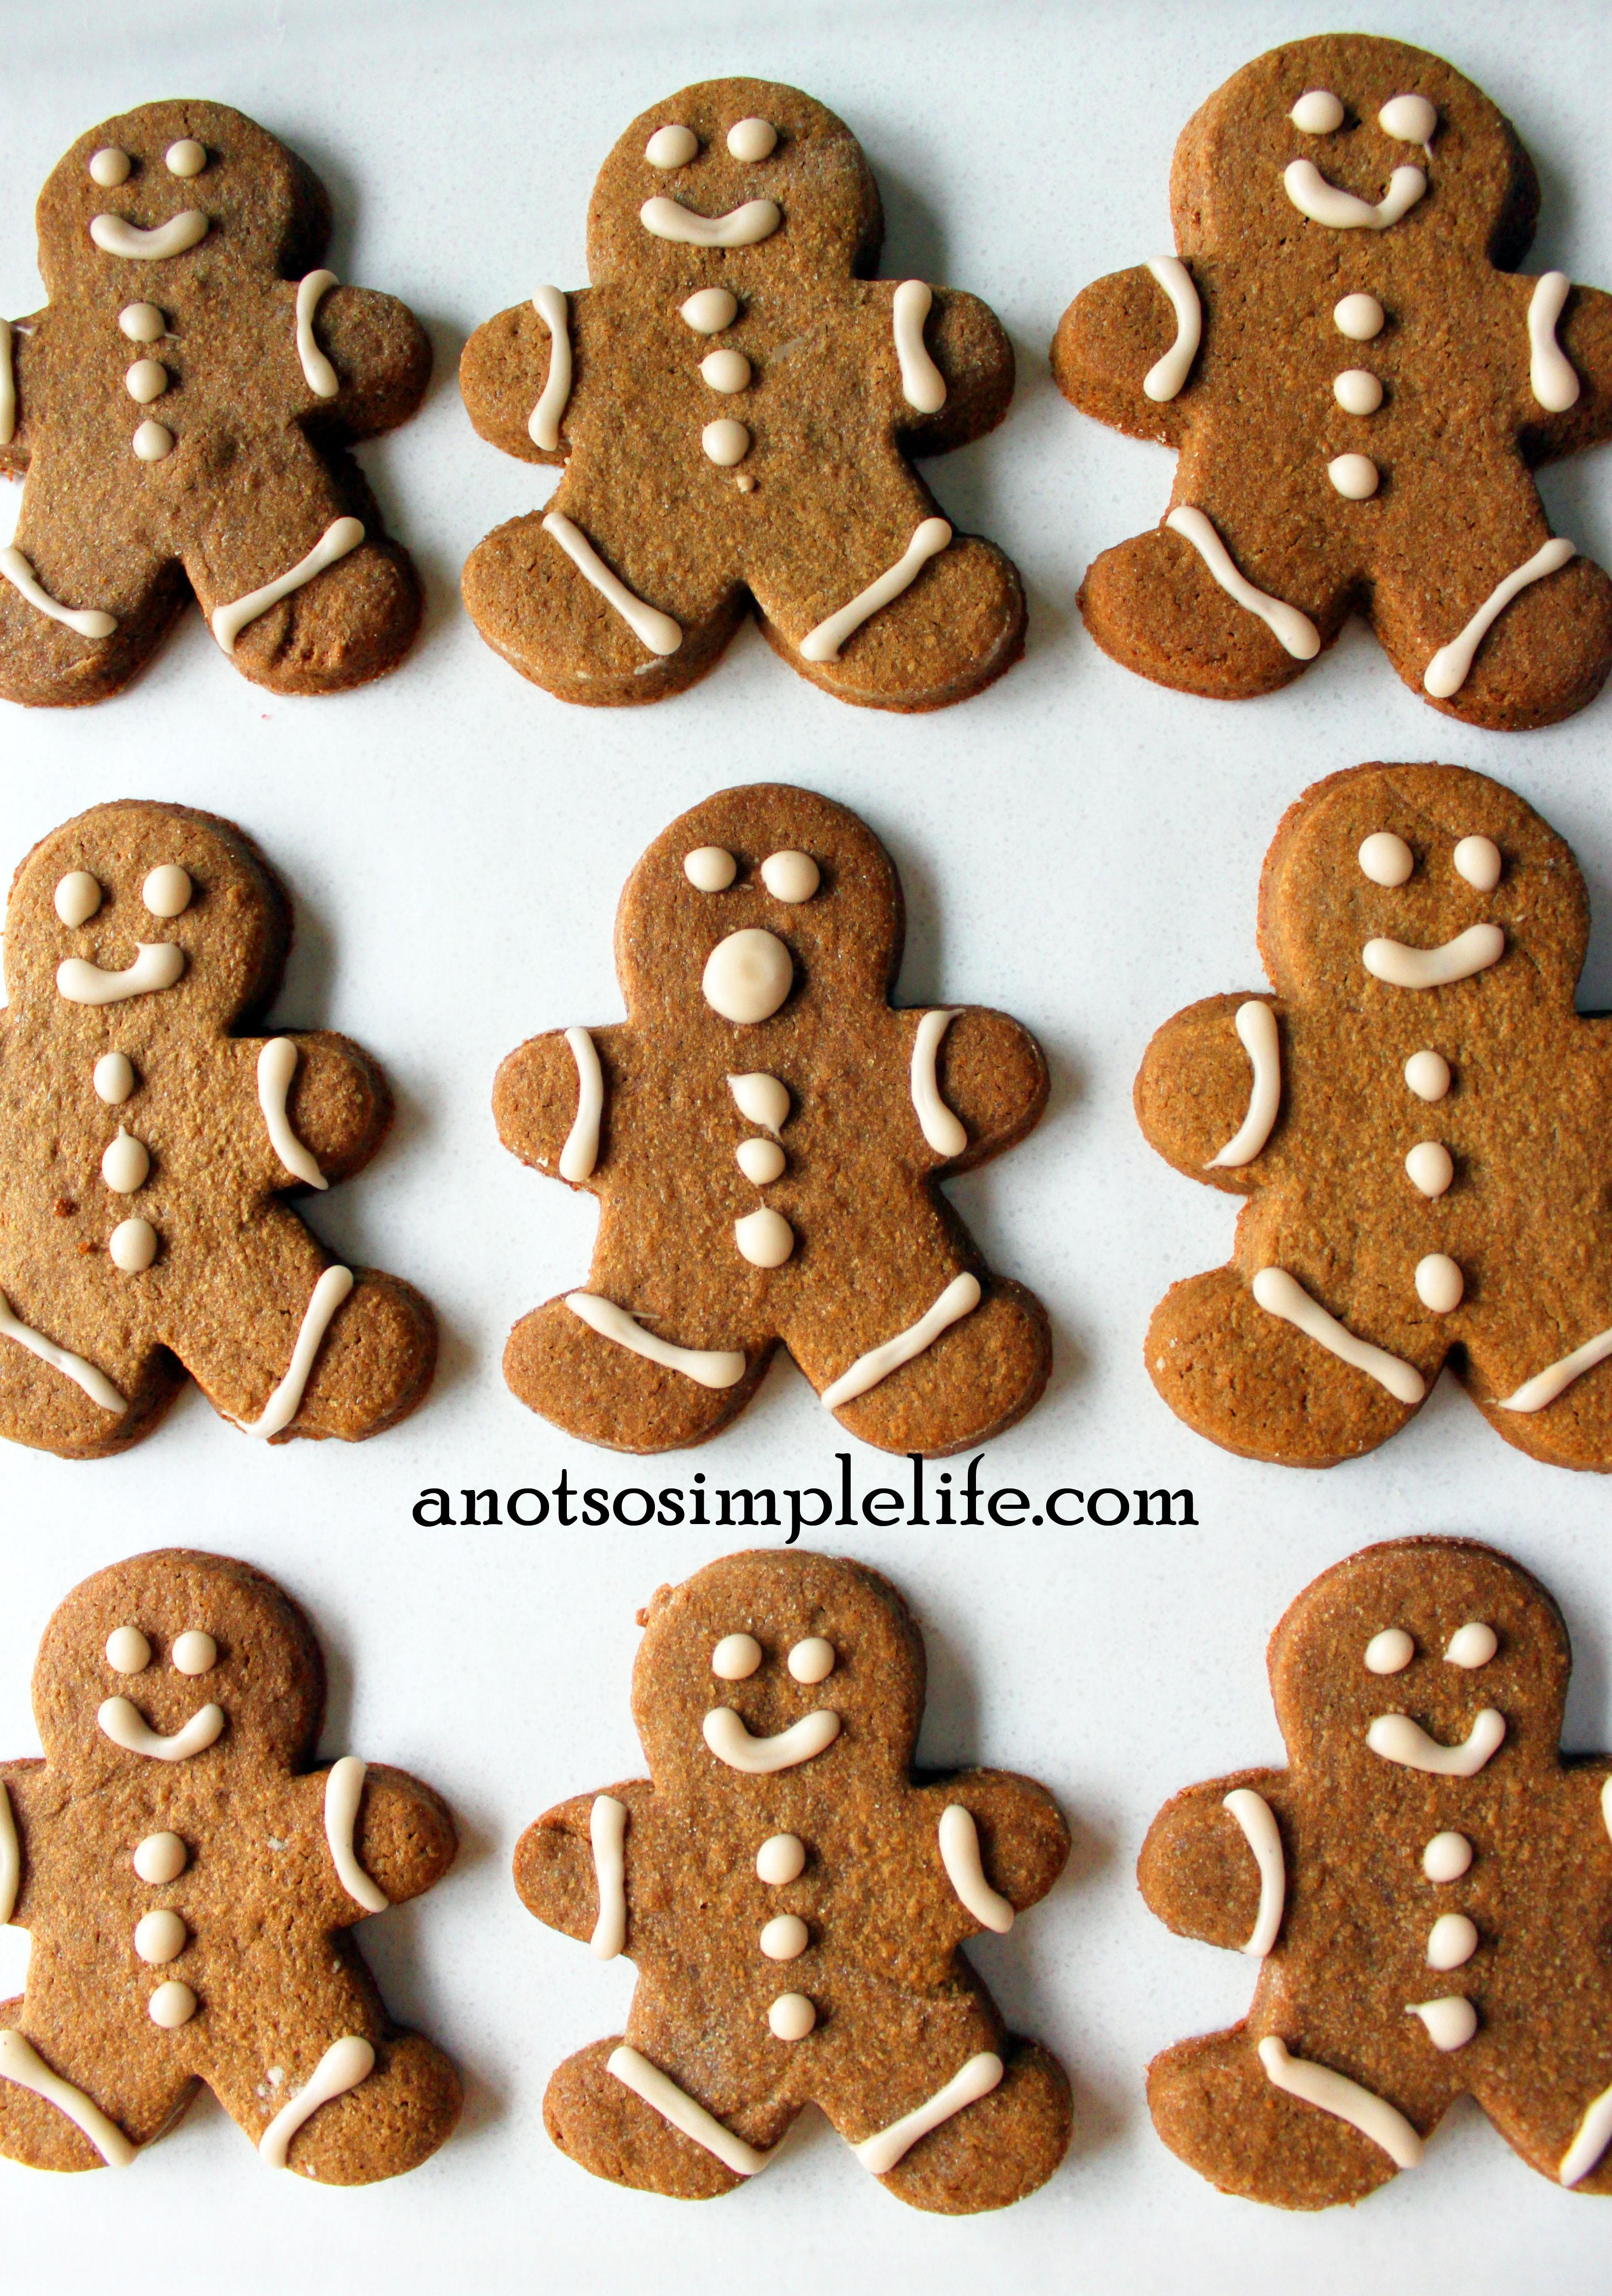 Allergen Free Gingerbread Men; Gluten Free, Dairy Free, Soy Free Nut Free Egg Free Recipe